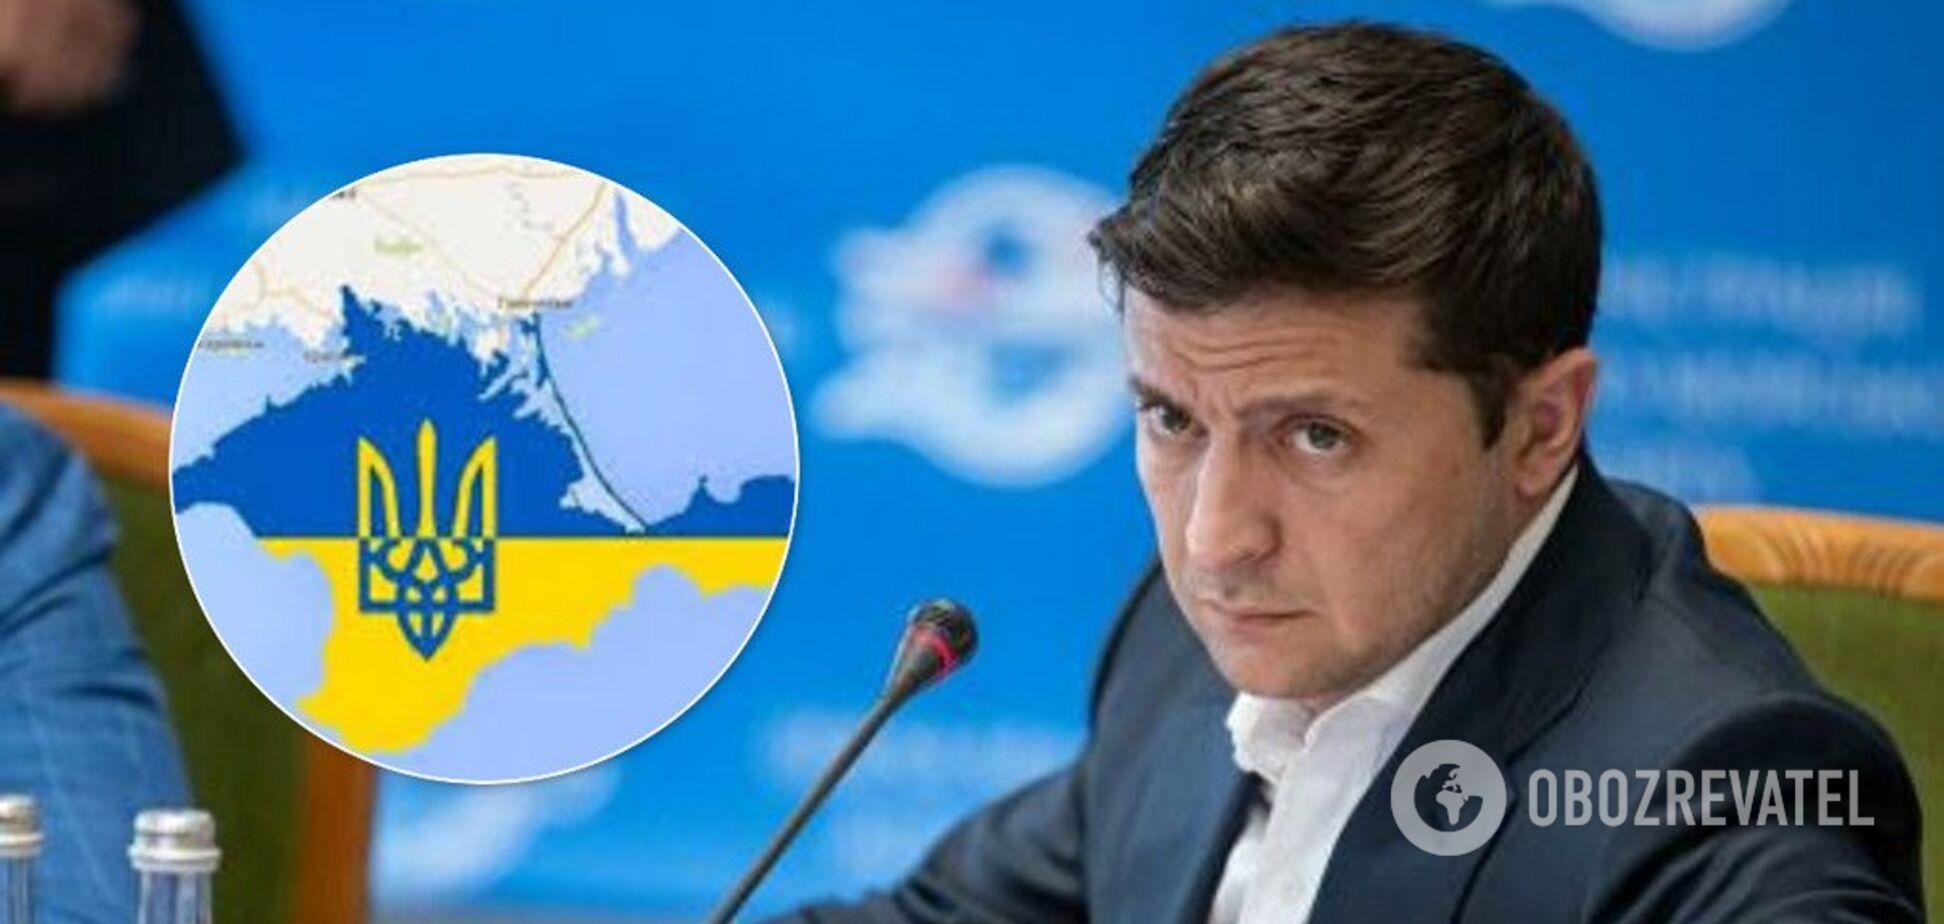 Максимум три роки: ексрозвідник розкрив терміни щодо повернення Криму Зеленським